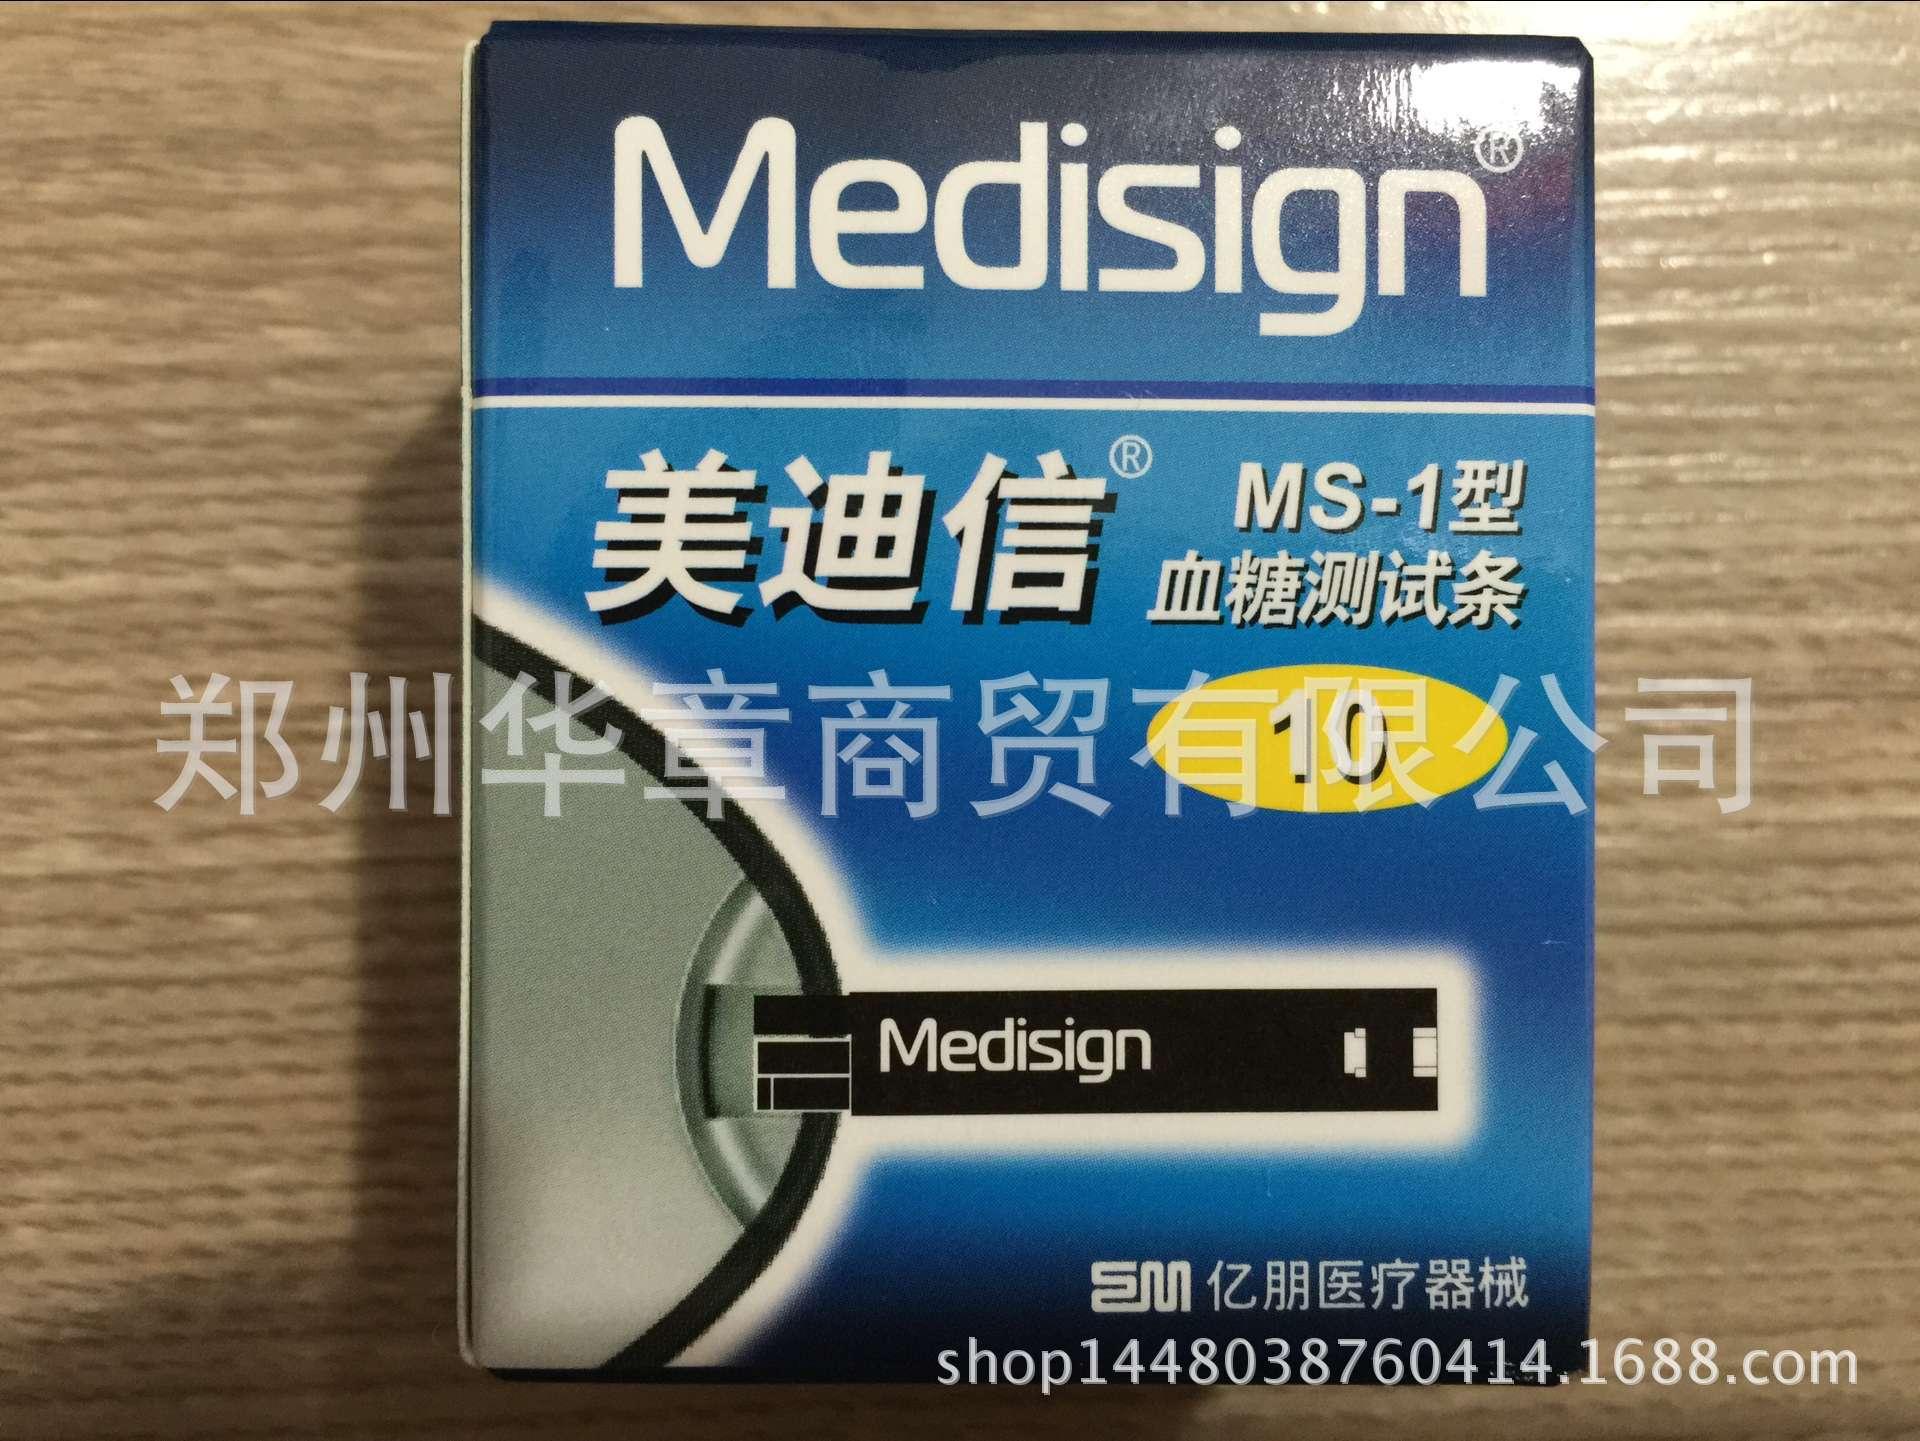 正品行货 美迪信MS-1型血糖仪试纸 10条试片美的信 美迪信M